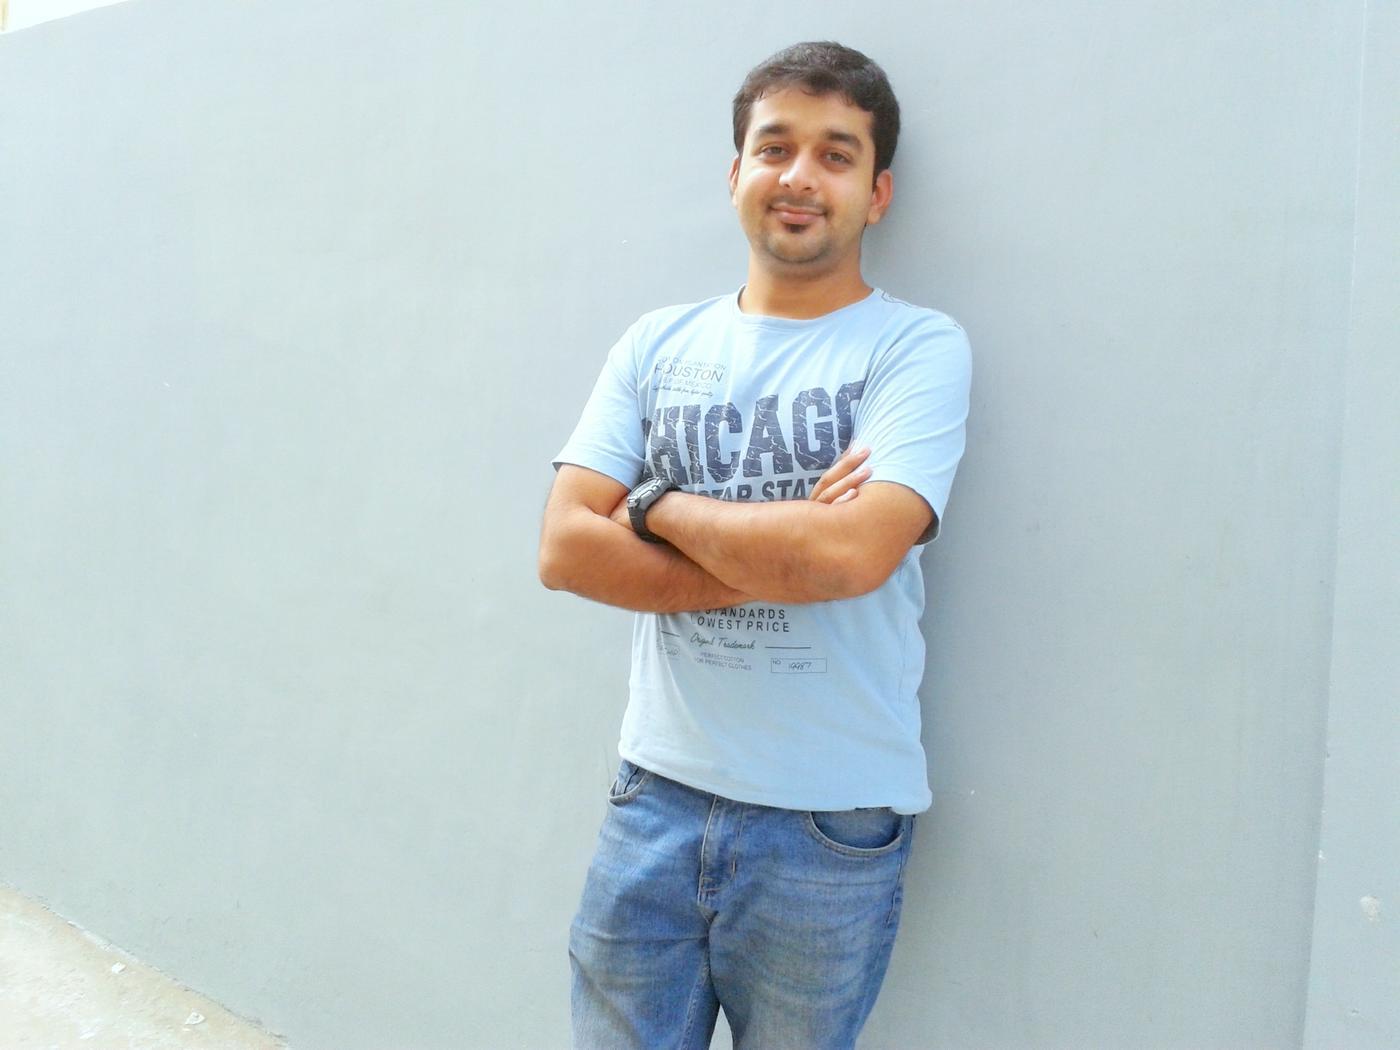 Vijay Sood